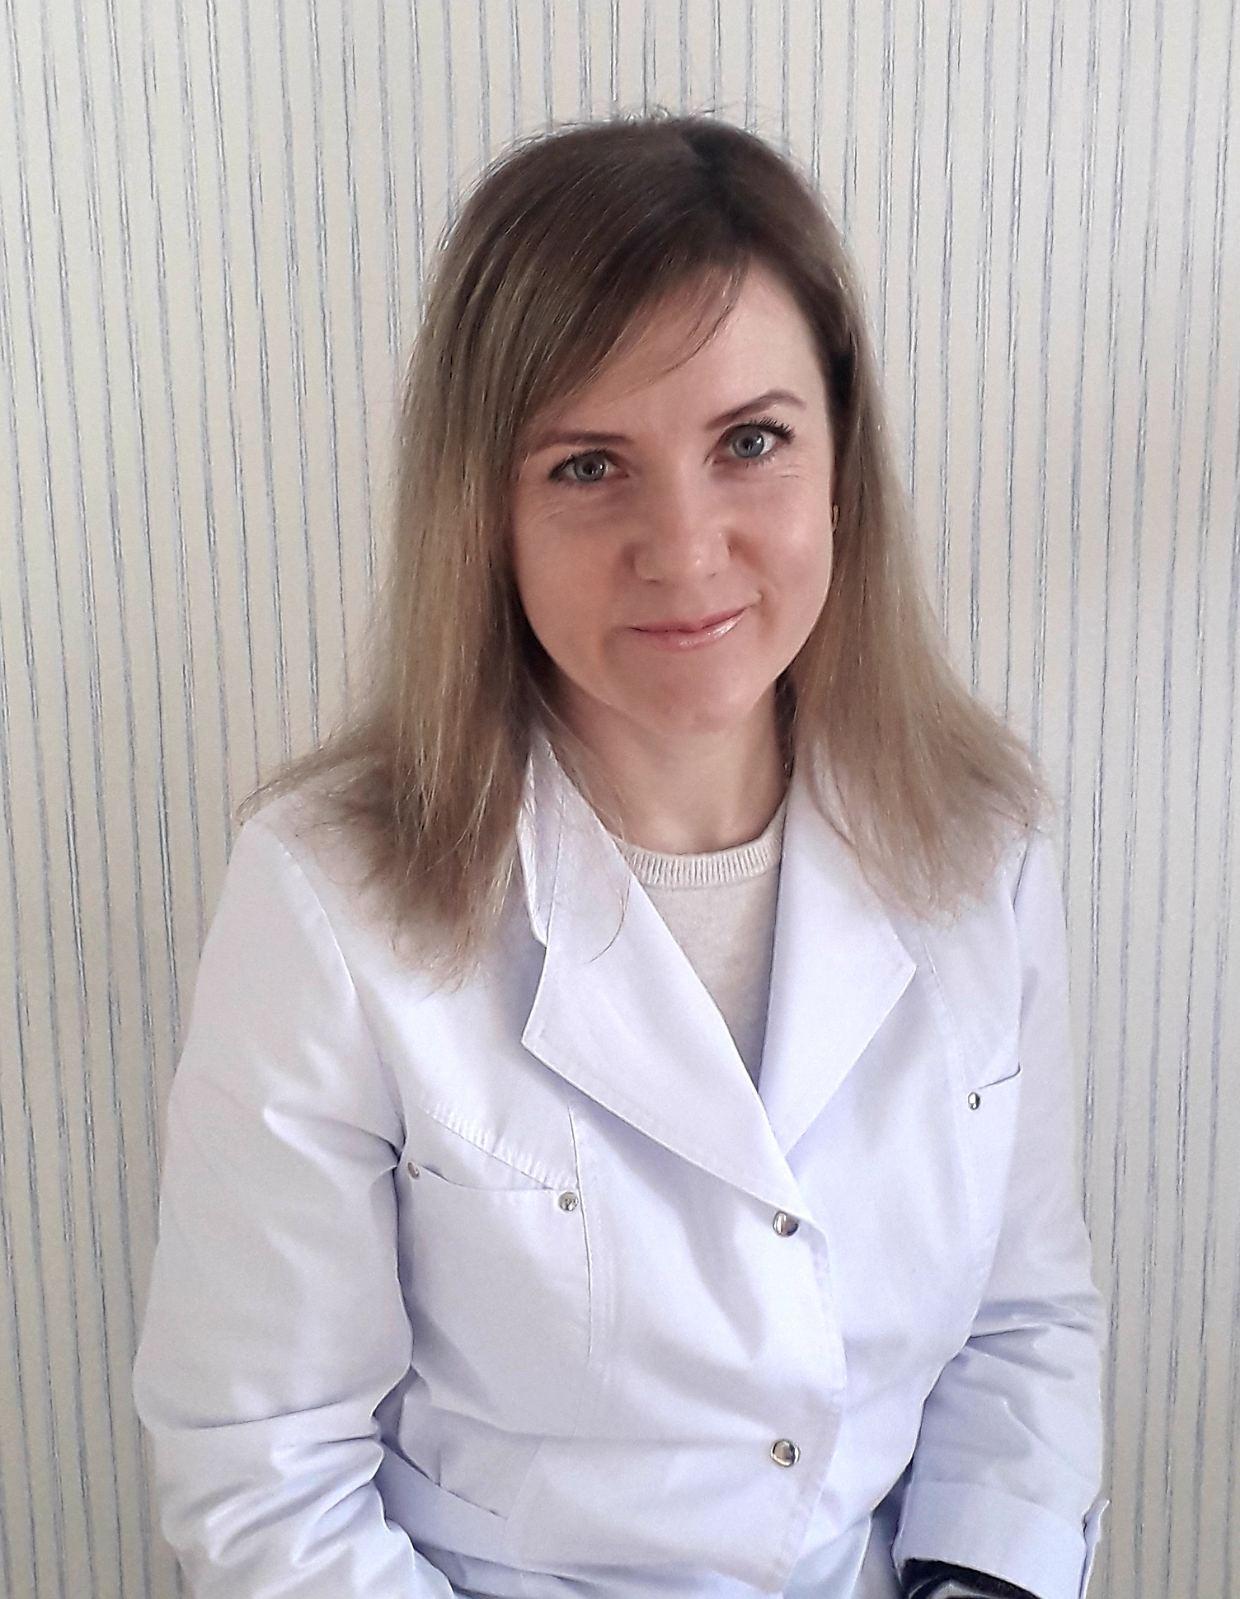 Старшая медицинская сестра отделения организации медицинской помощи несовершеннолетним в образовательных организациях Кобзева Ольга Алексеевна